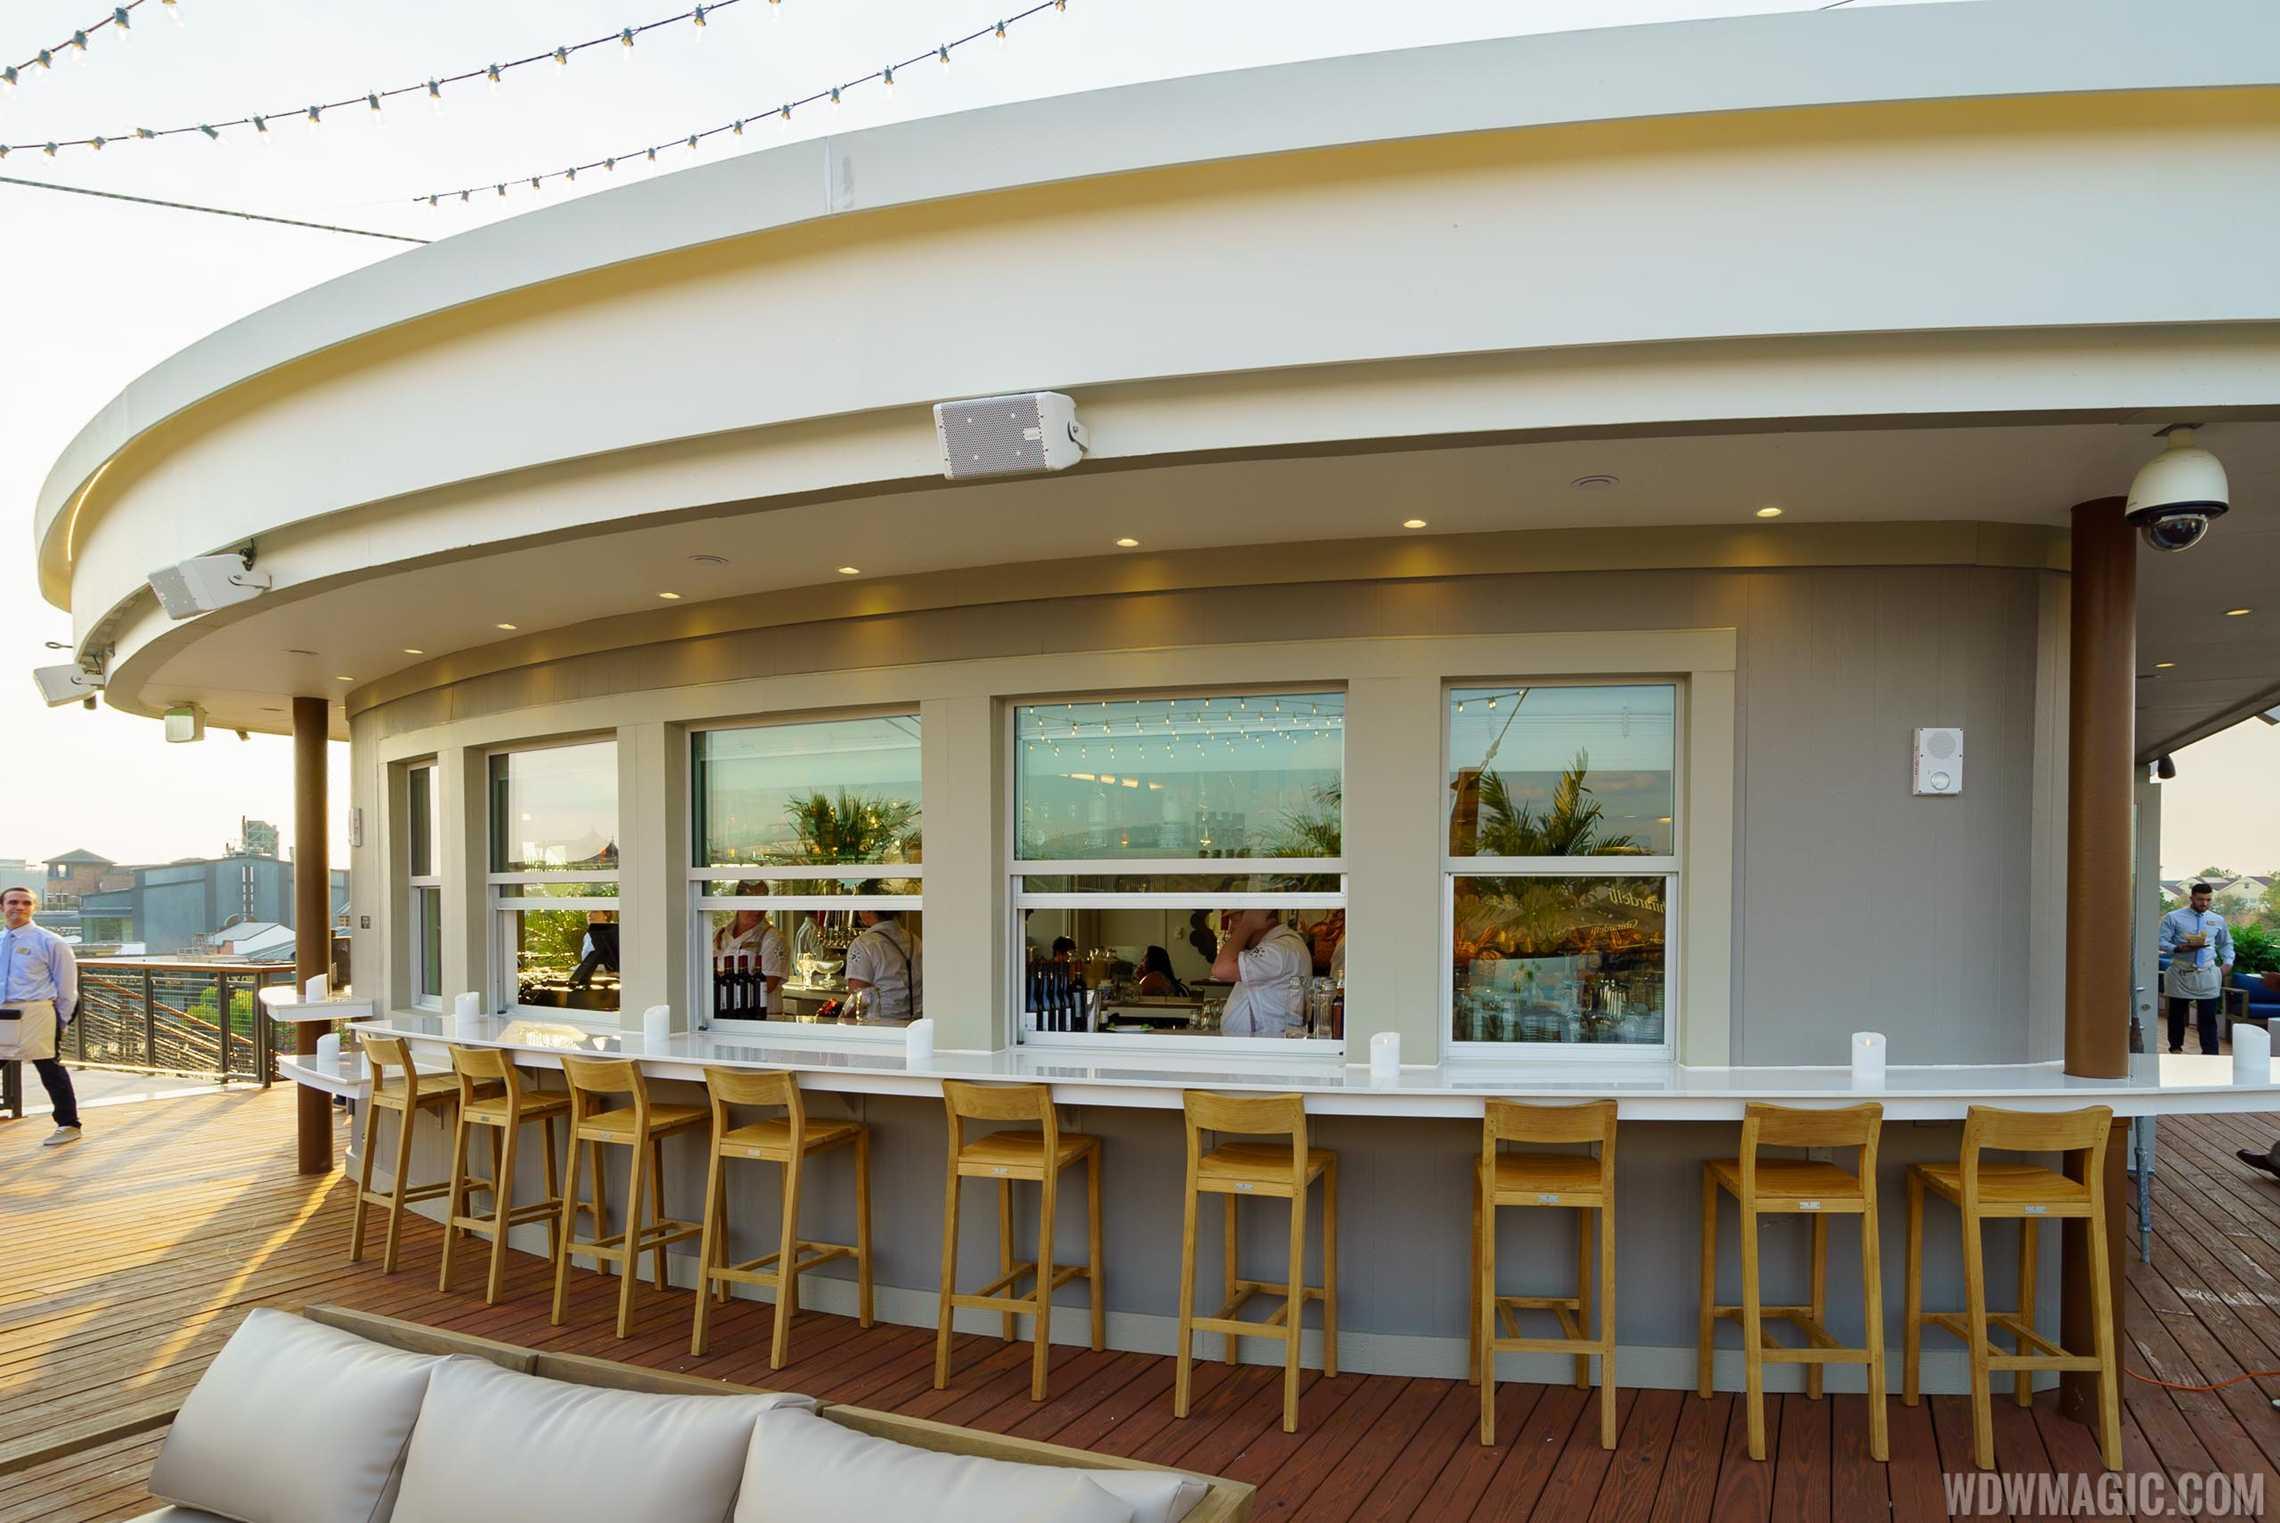 Paddlefish - Top deck bar